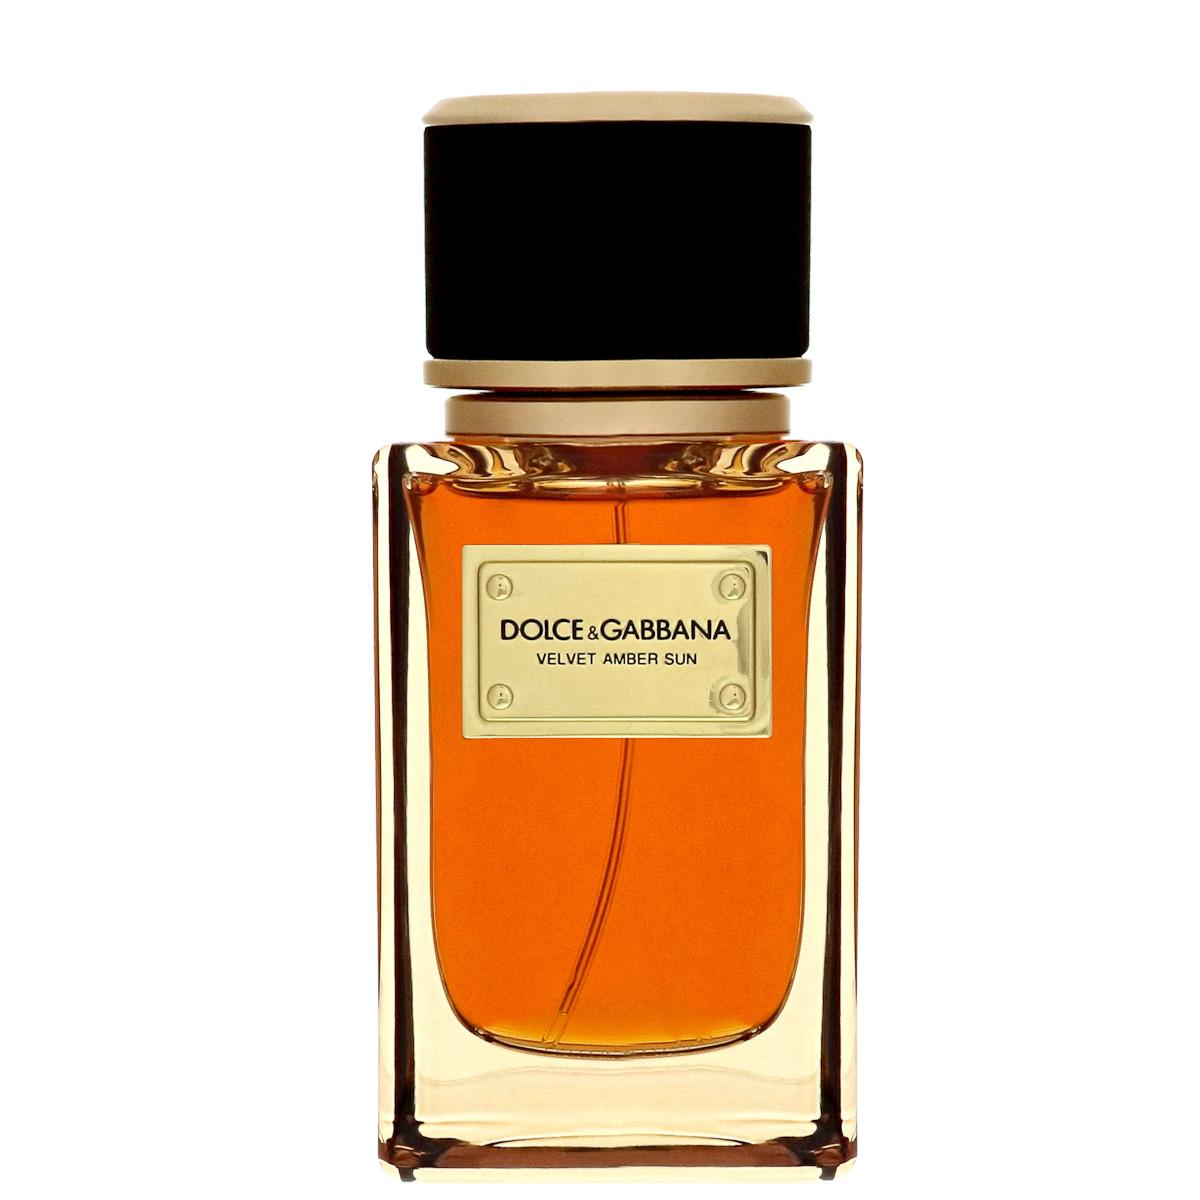 dolce-gabbana-velvet-amber-sun-fragrance-grooming-man-for-himself